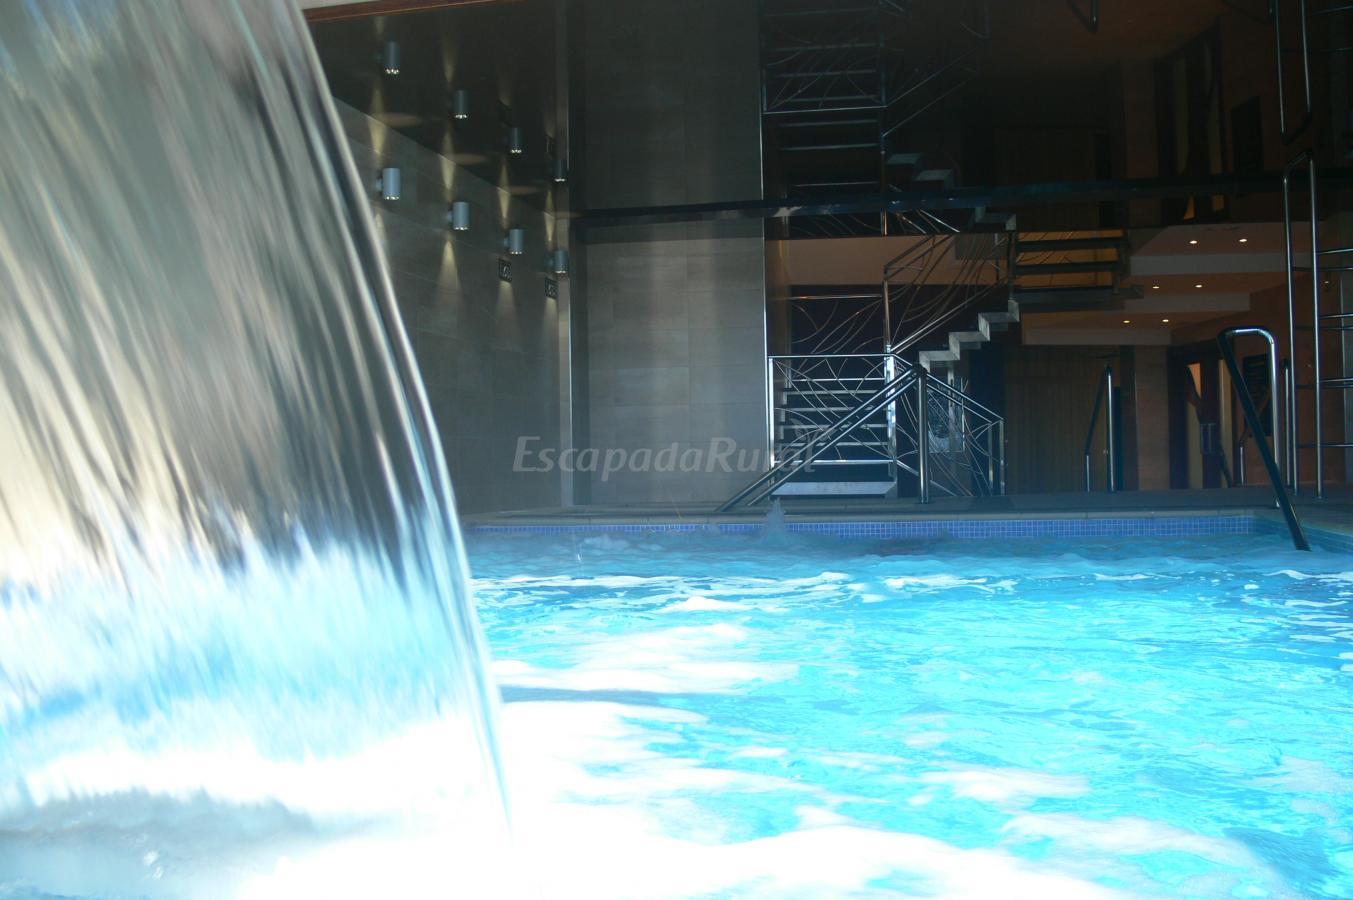 Fotos de apartamentos tur sticos la trufa negra casa rural en mora de rubielos teruel - Casas rurales teruel con piscina ...